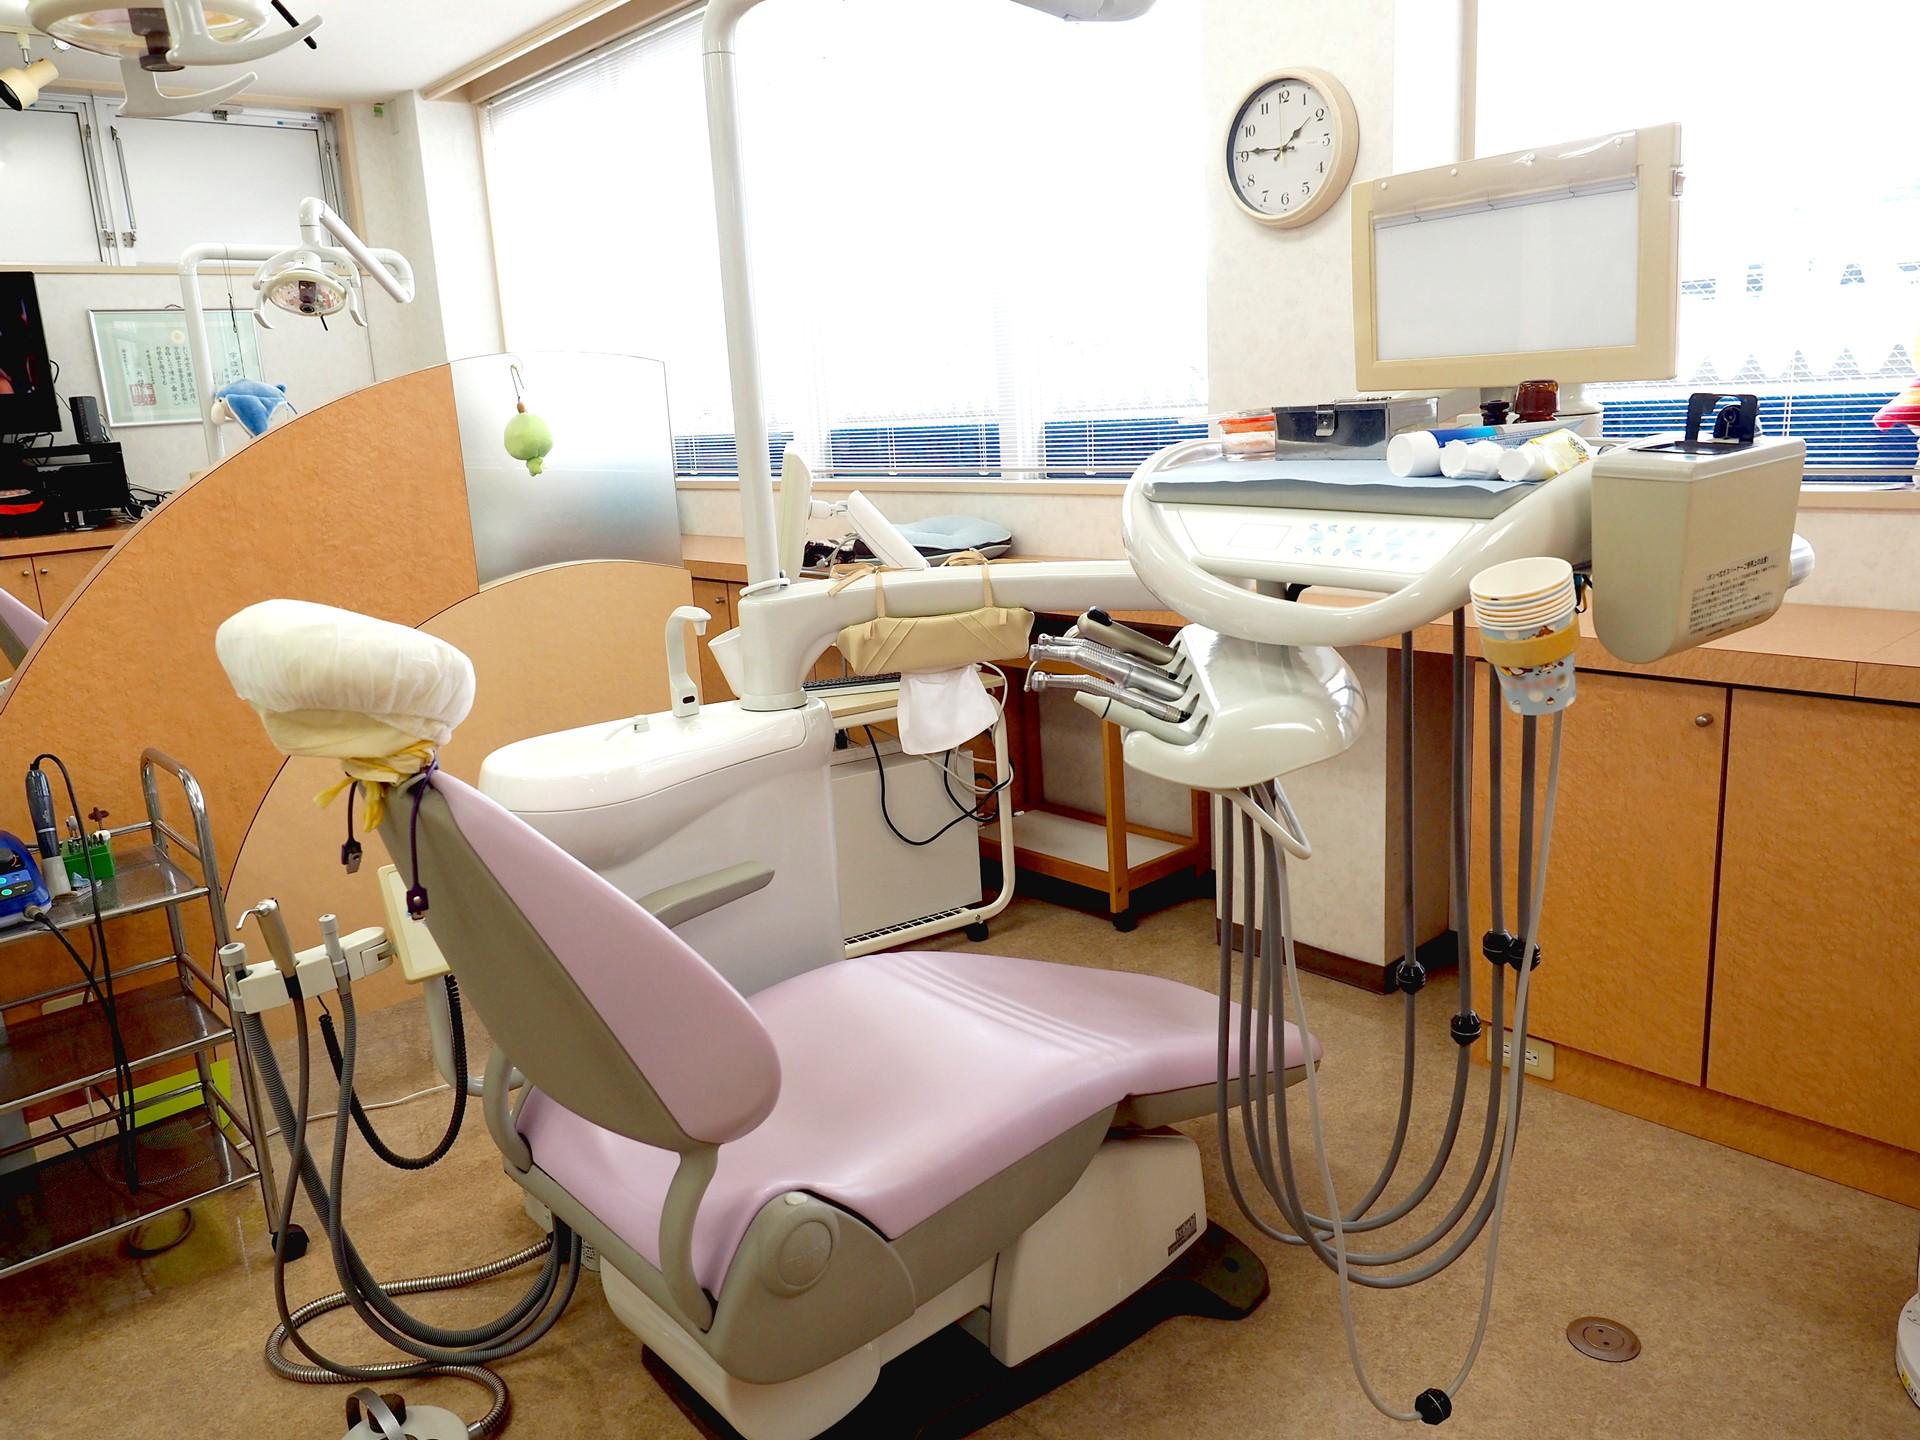 【歯科譲渡案件】群馬県高収益な土地建物付きの譲渡案件です